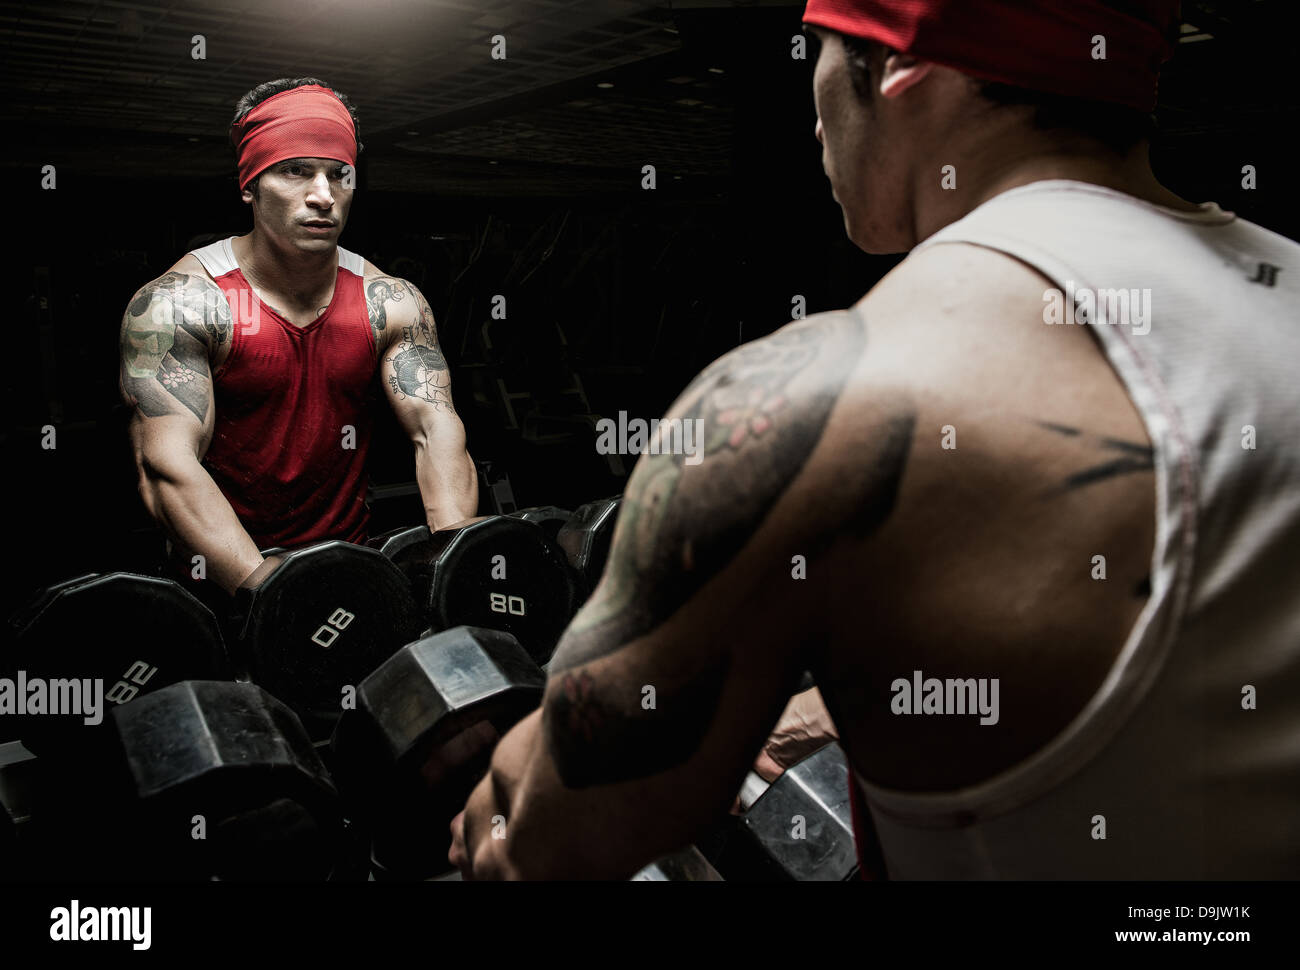 Muscolare di giovane uomo cercando in palestra specchio Immagini Stock